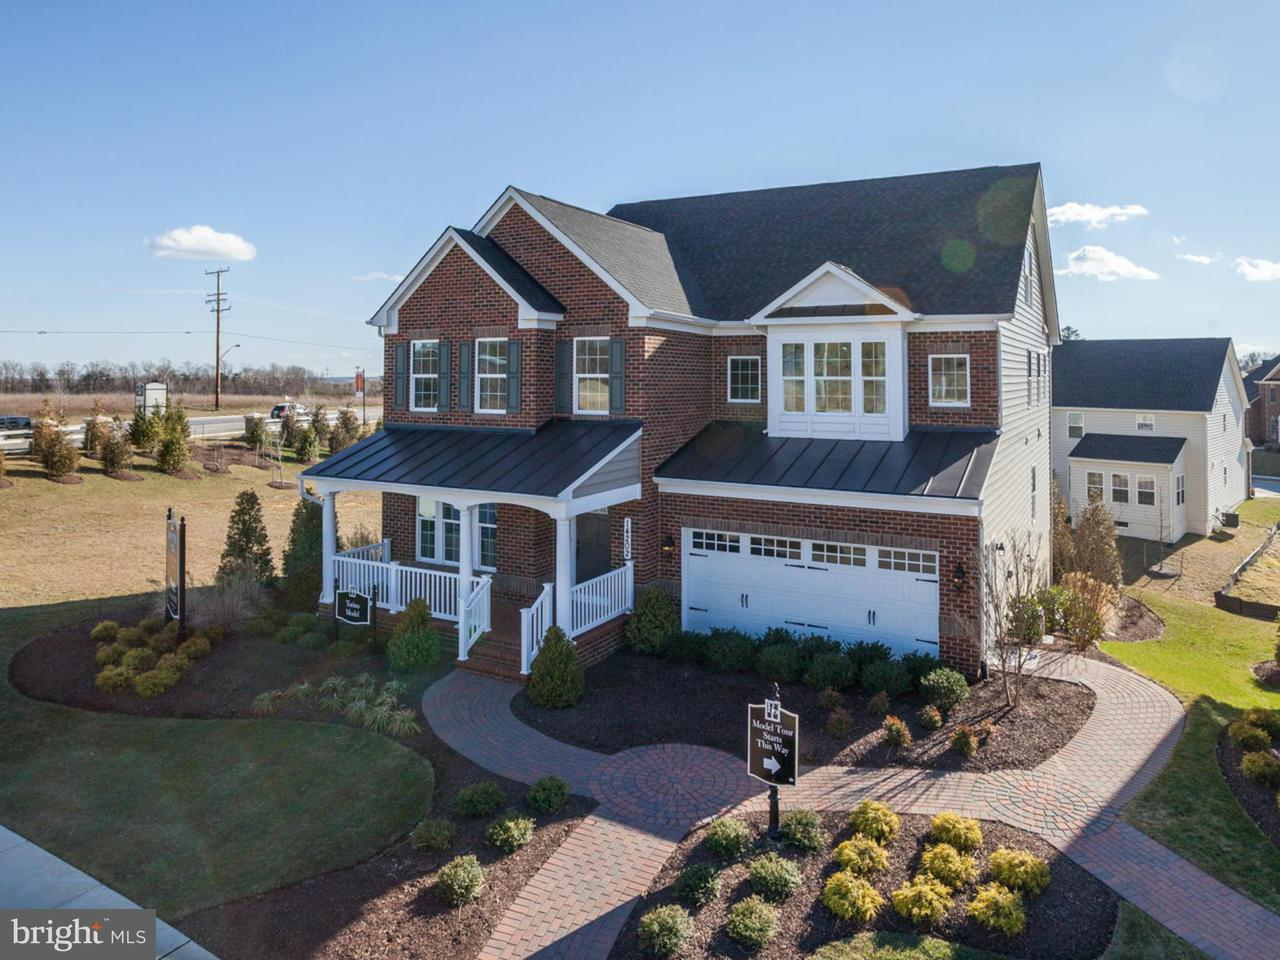 獨棟家庭住宅 為 出售 在 14626 Bentley Park Drive 14626 Bentley Park Drive Burtonsville, 馬里蘭州 20866 美國